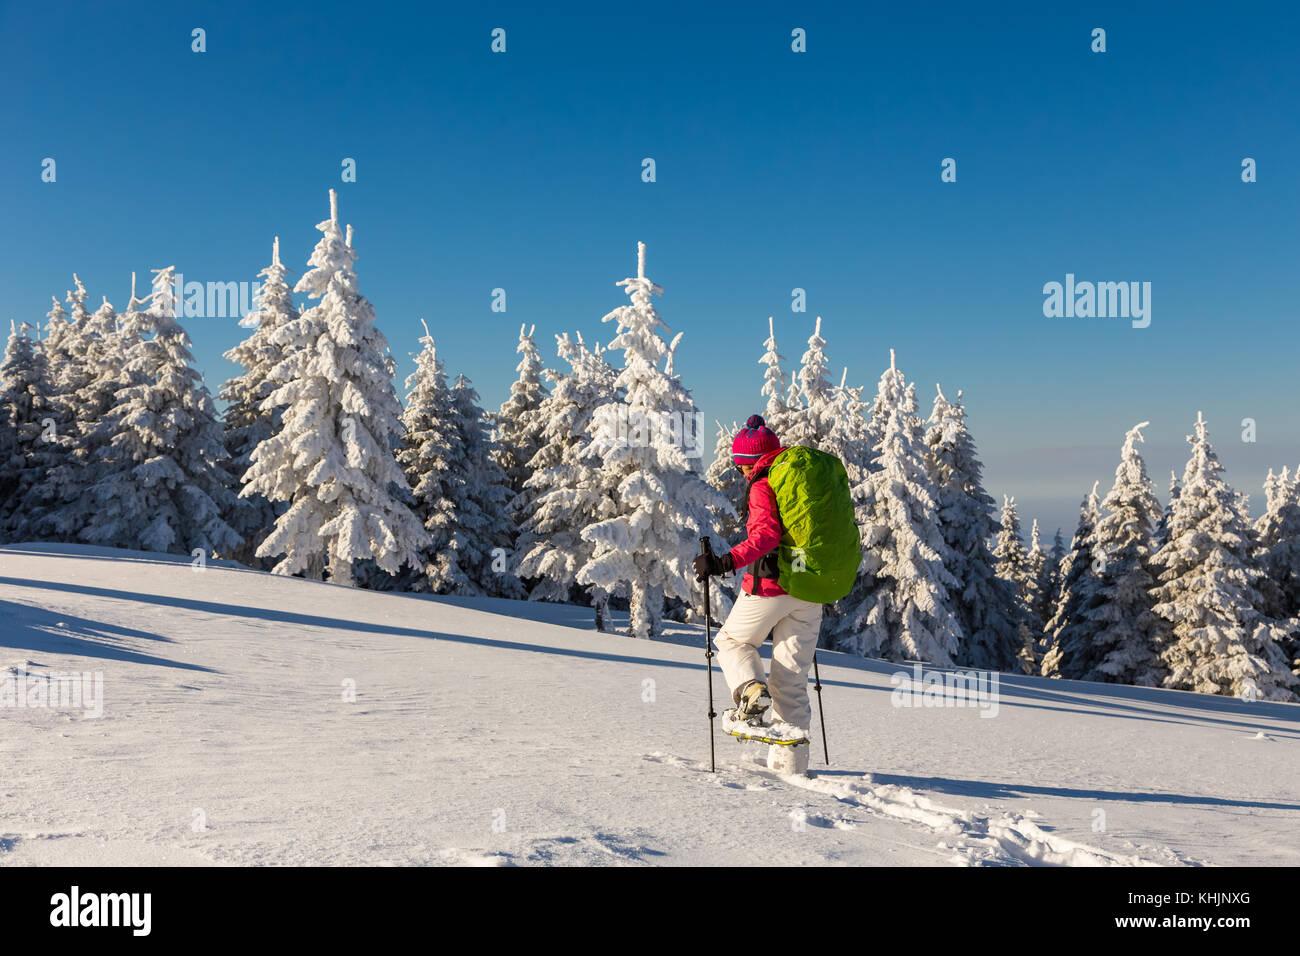 Femme de la raquette dans la neige profonde, à l'aide de poteaux, sur une journée ensoleillée Photo Stock